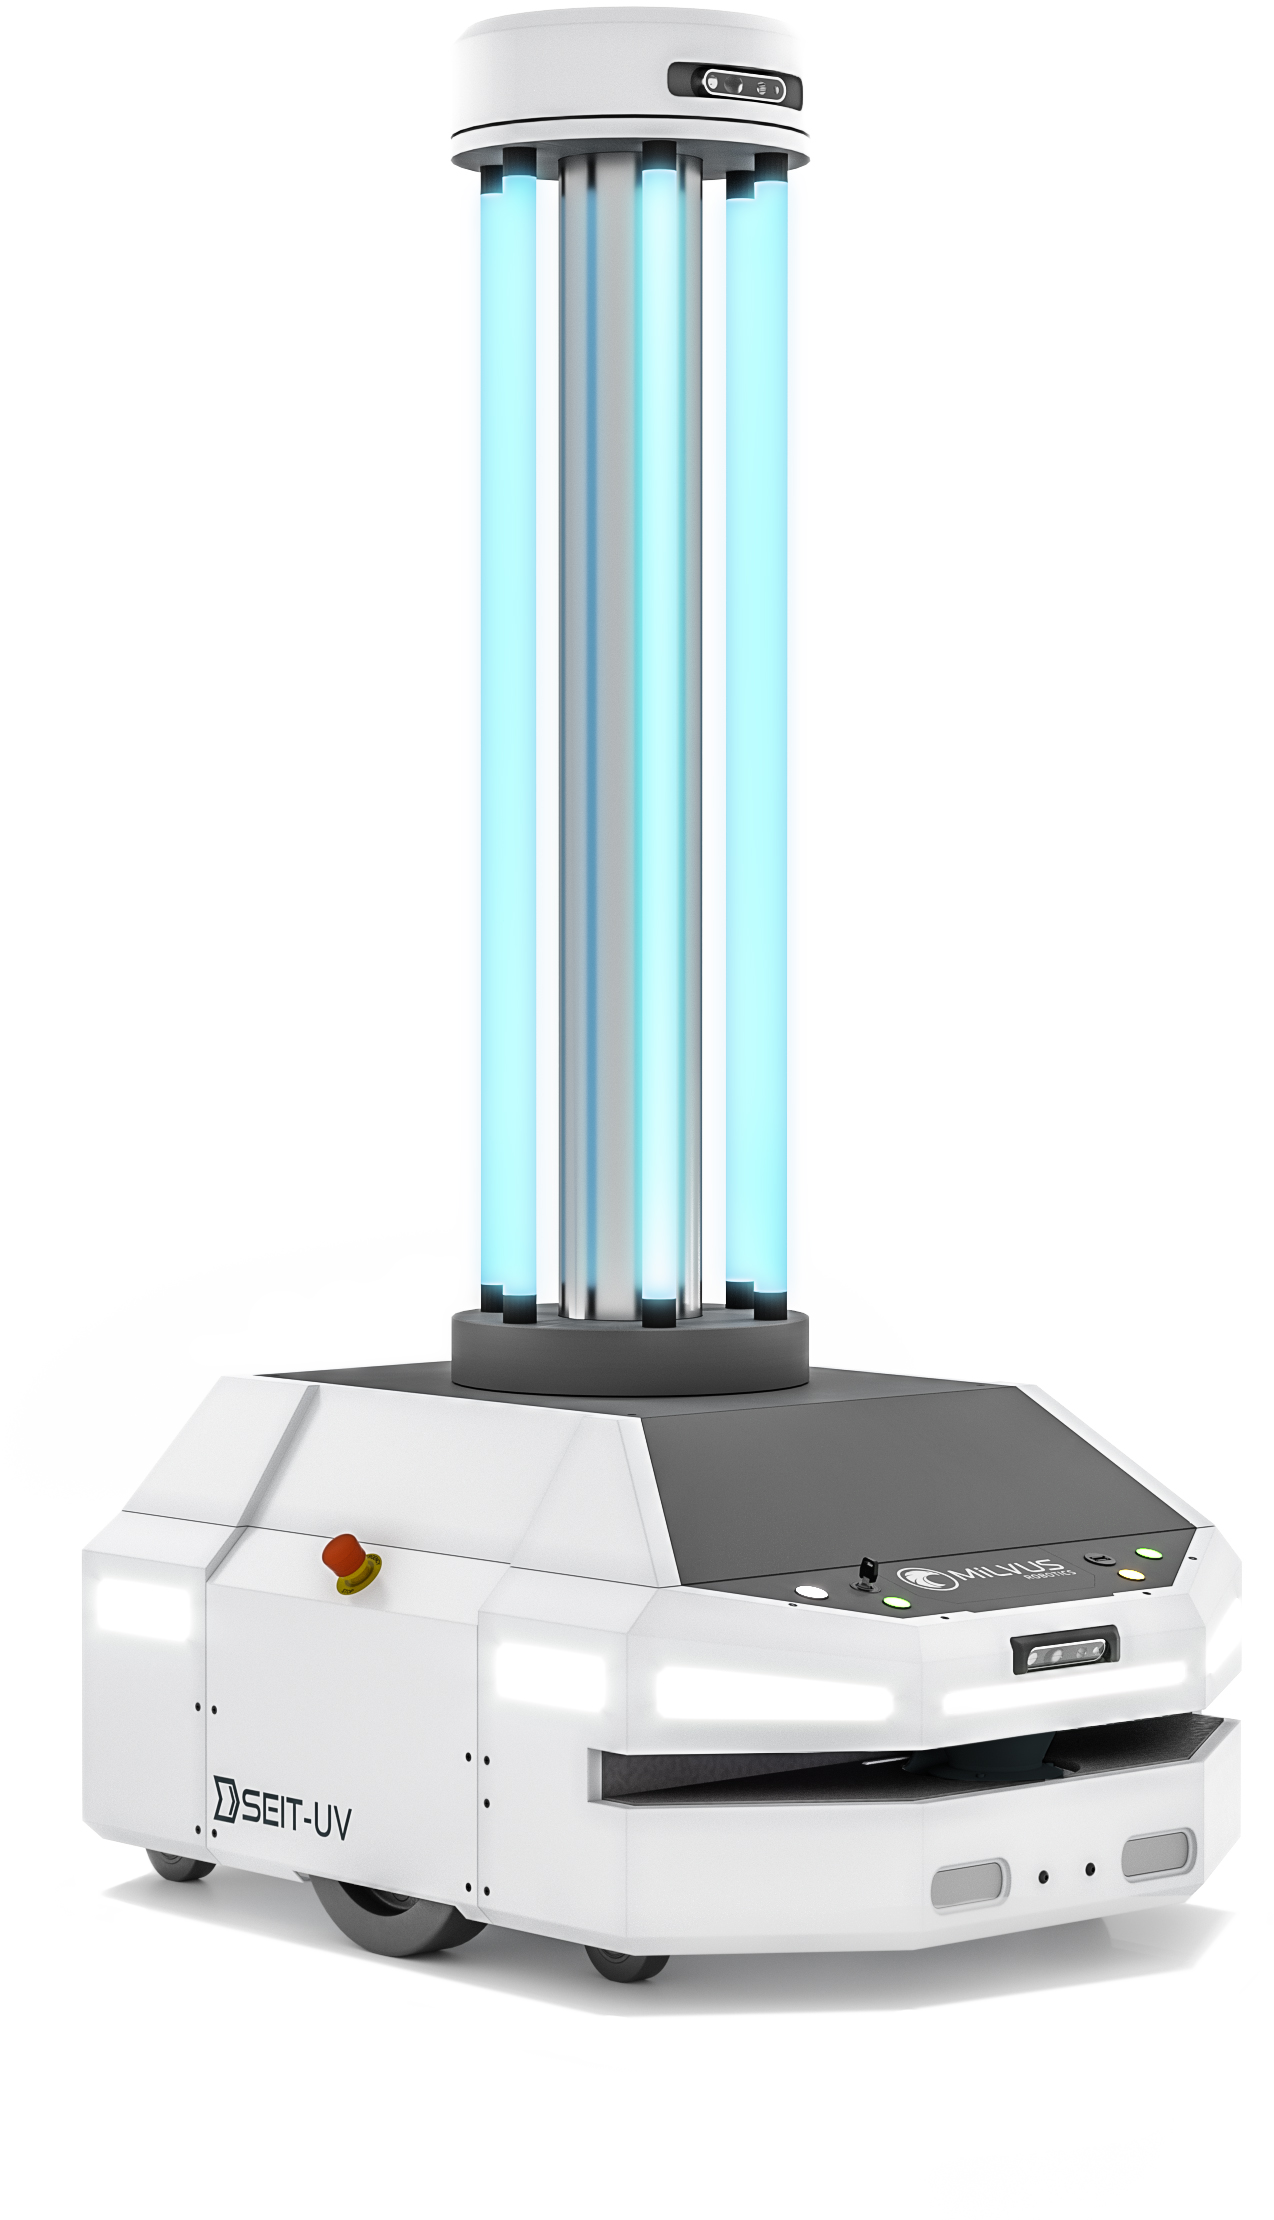 SEIT-UV, an autonomous UVC disinfection robot